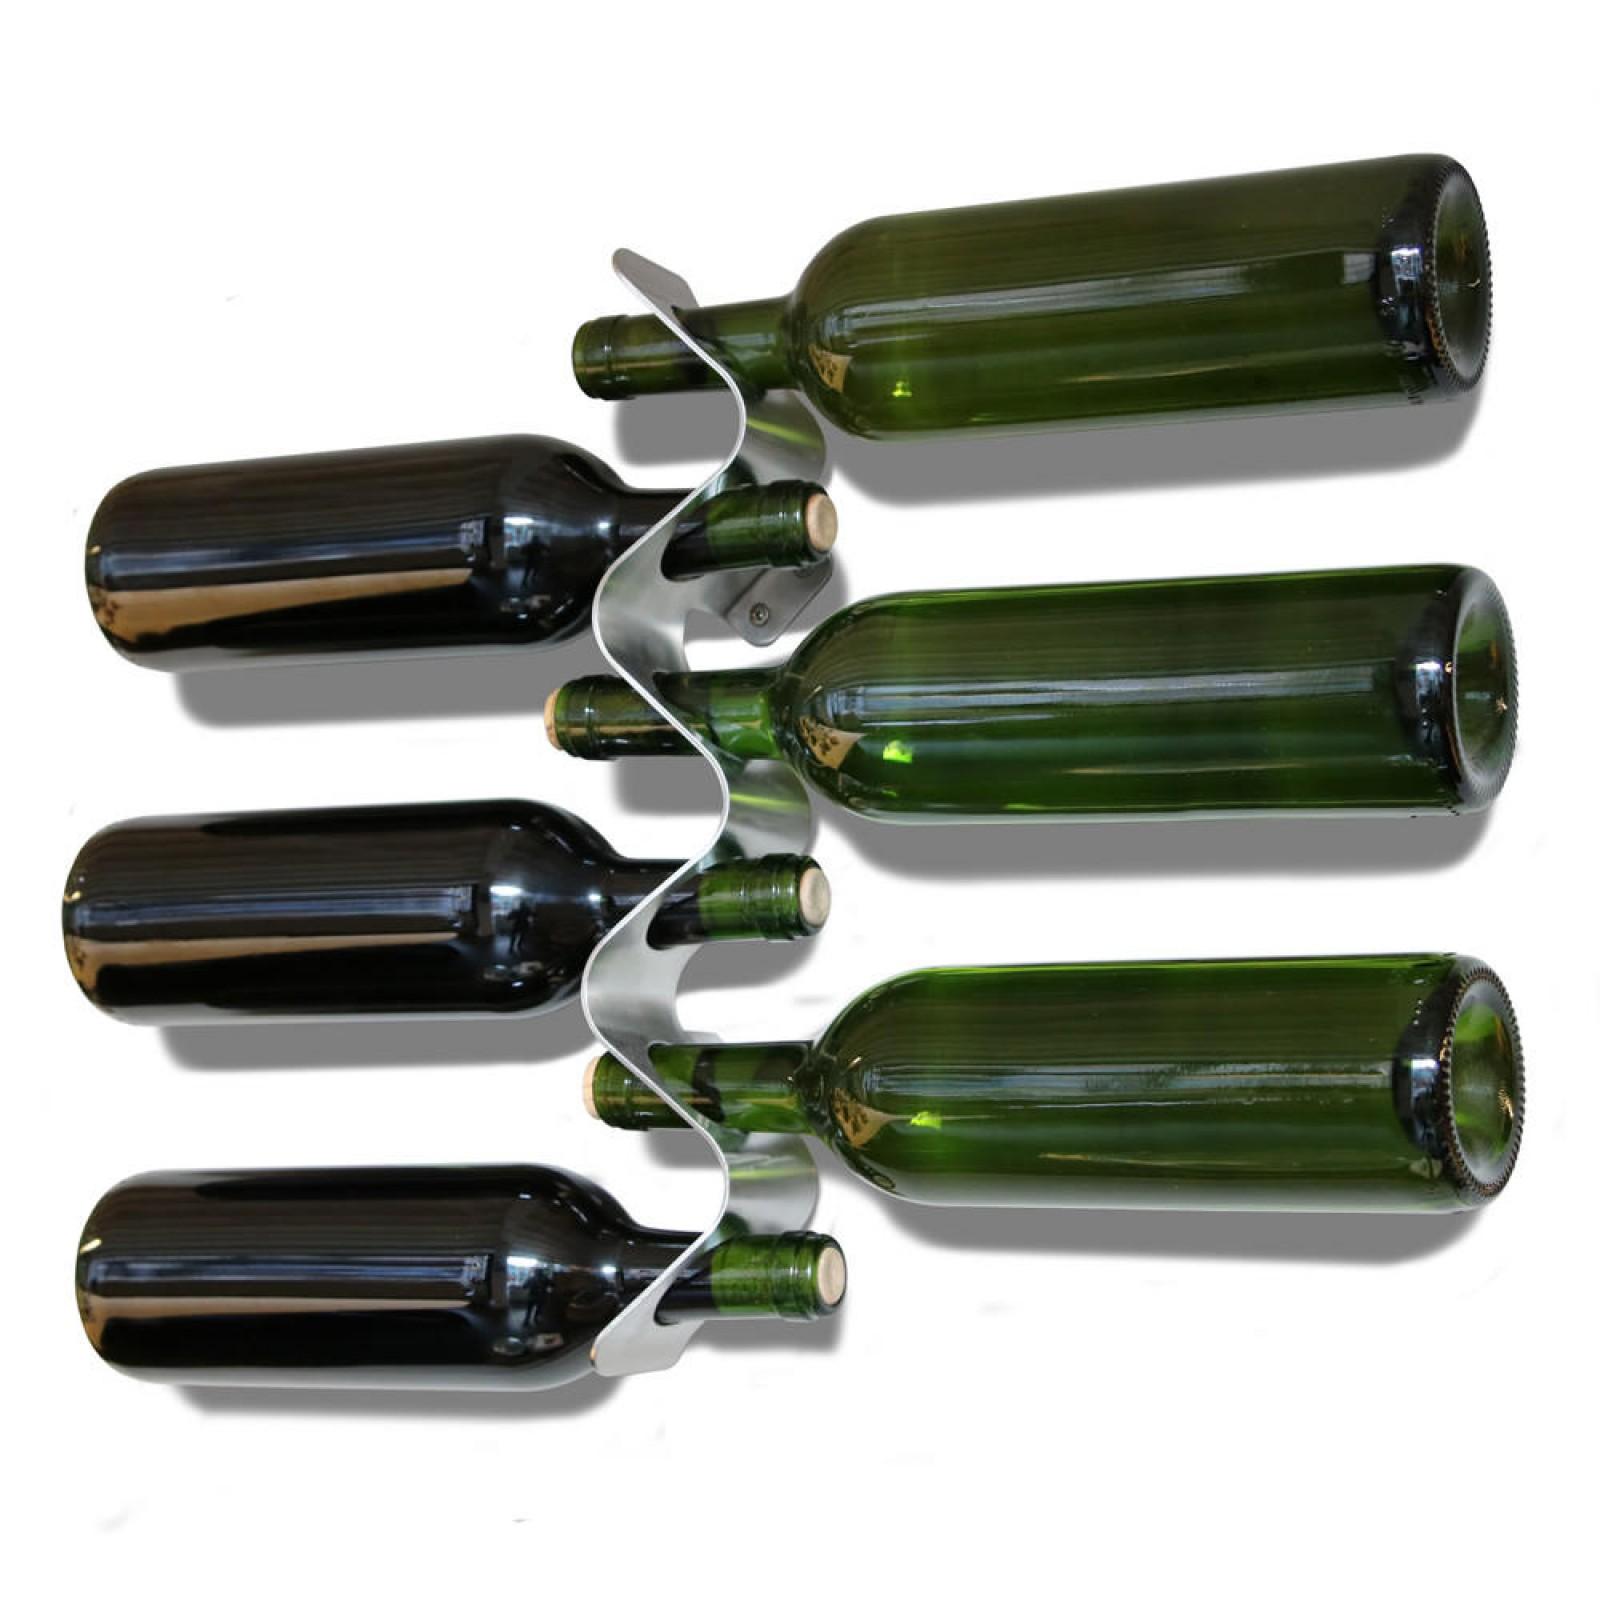 Επιτοίχια Βάση Κρασιών Forminimal - Black+Blum